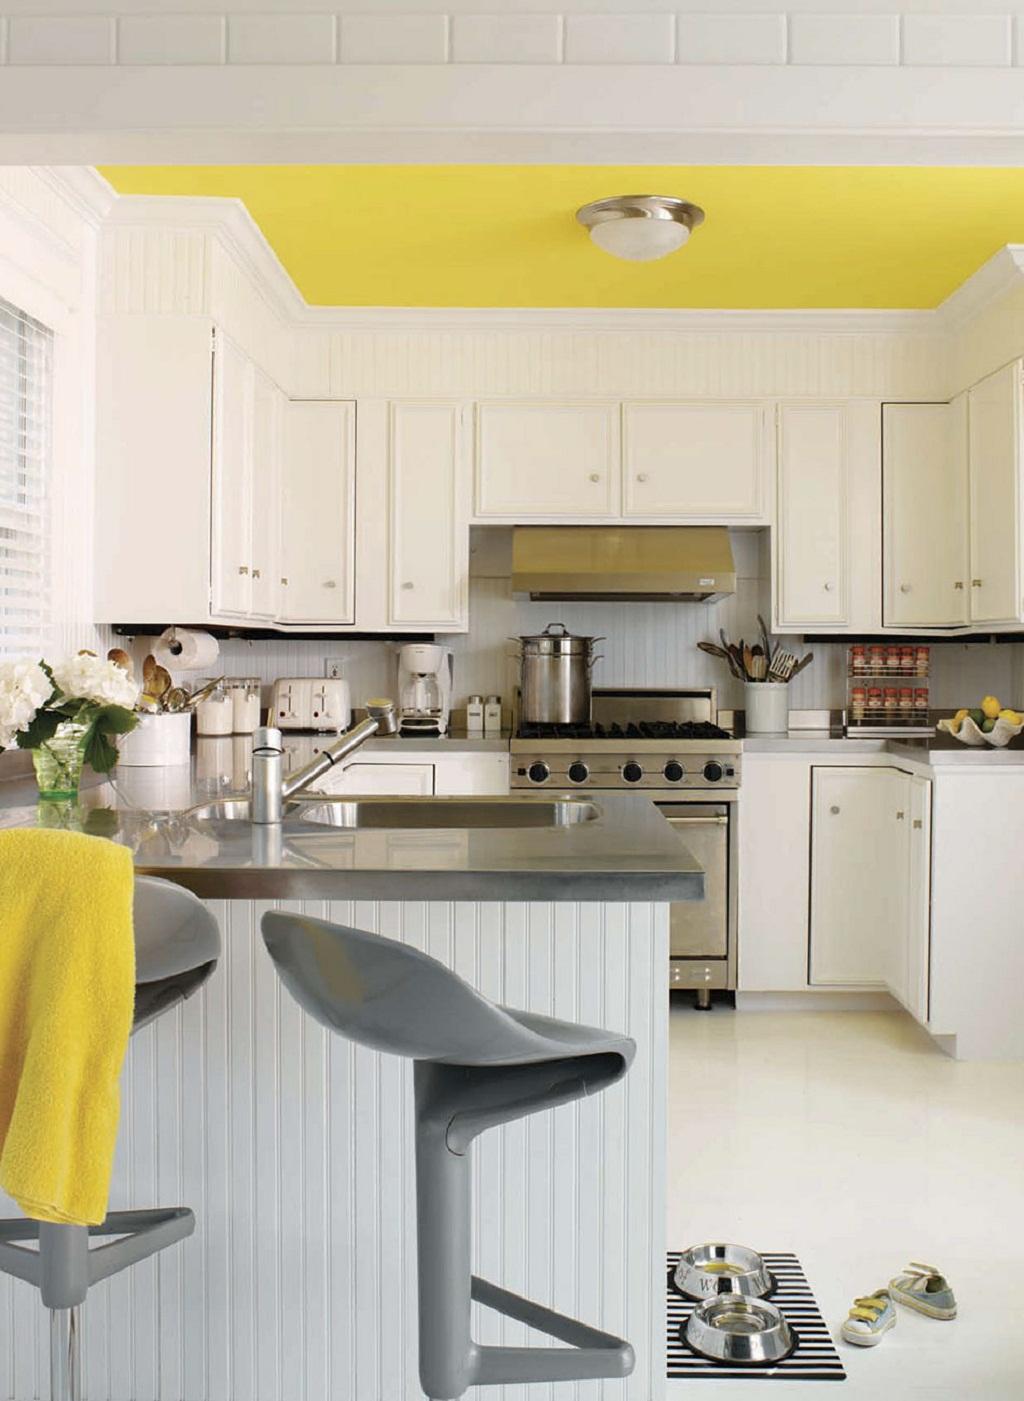 Thiết kế phòng bếp màu vàng chanh nổi bật ấn tượng - 06